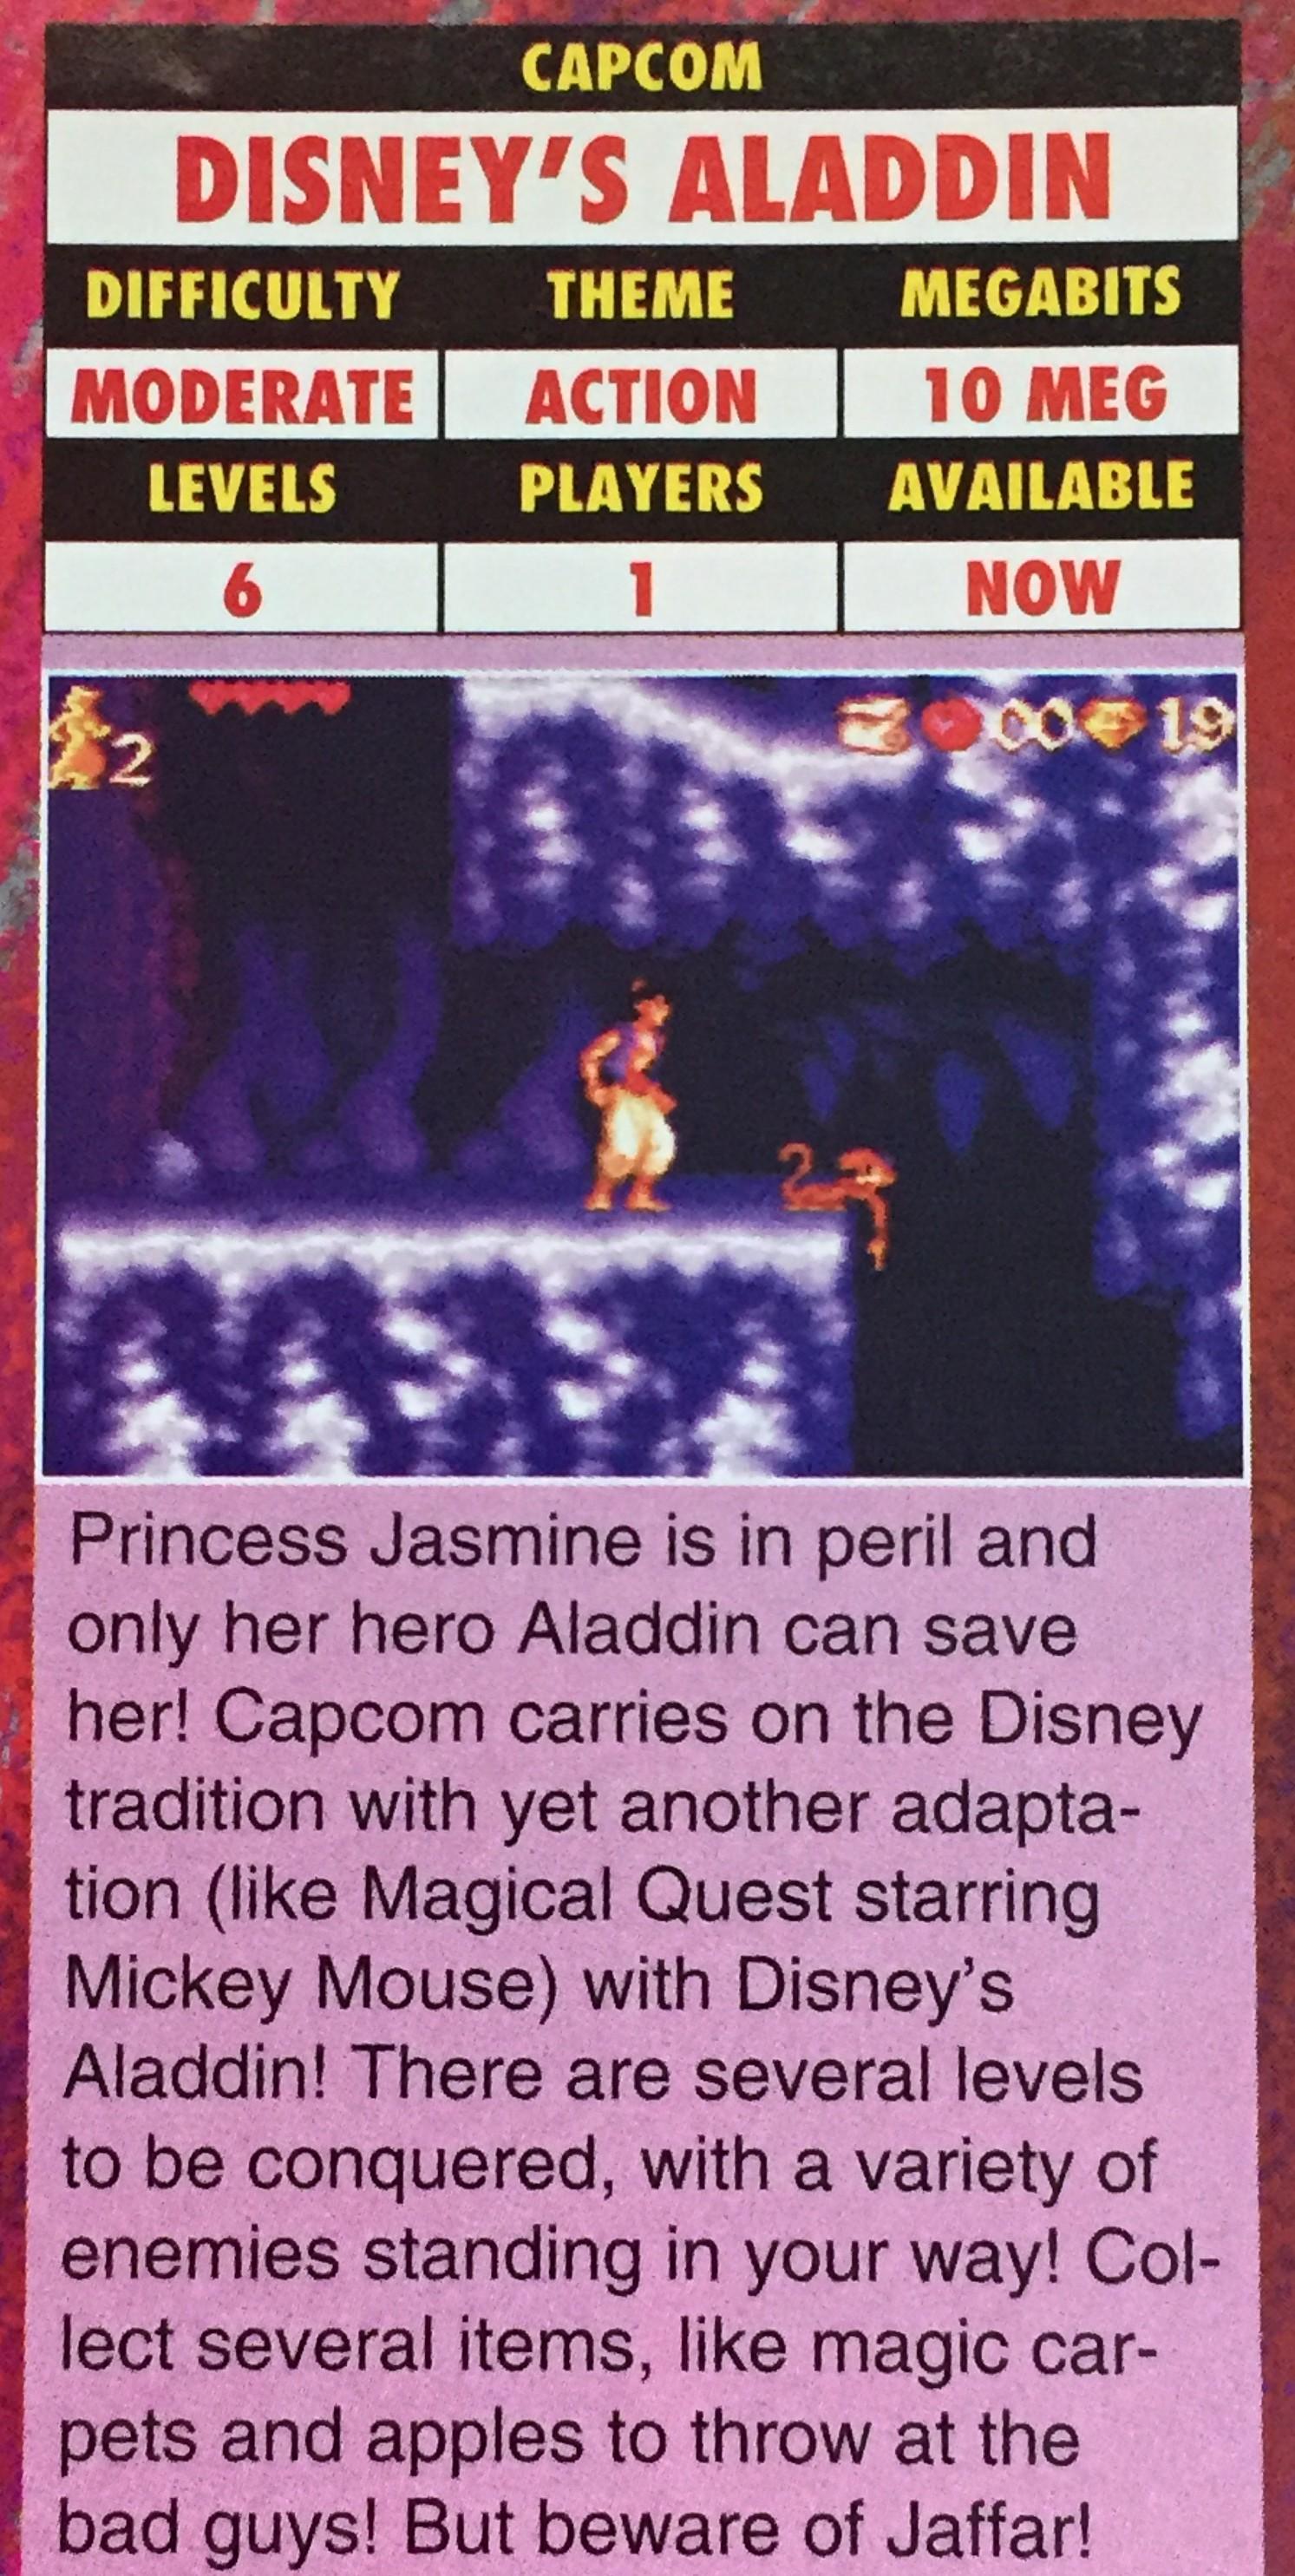 AladdinEx12